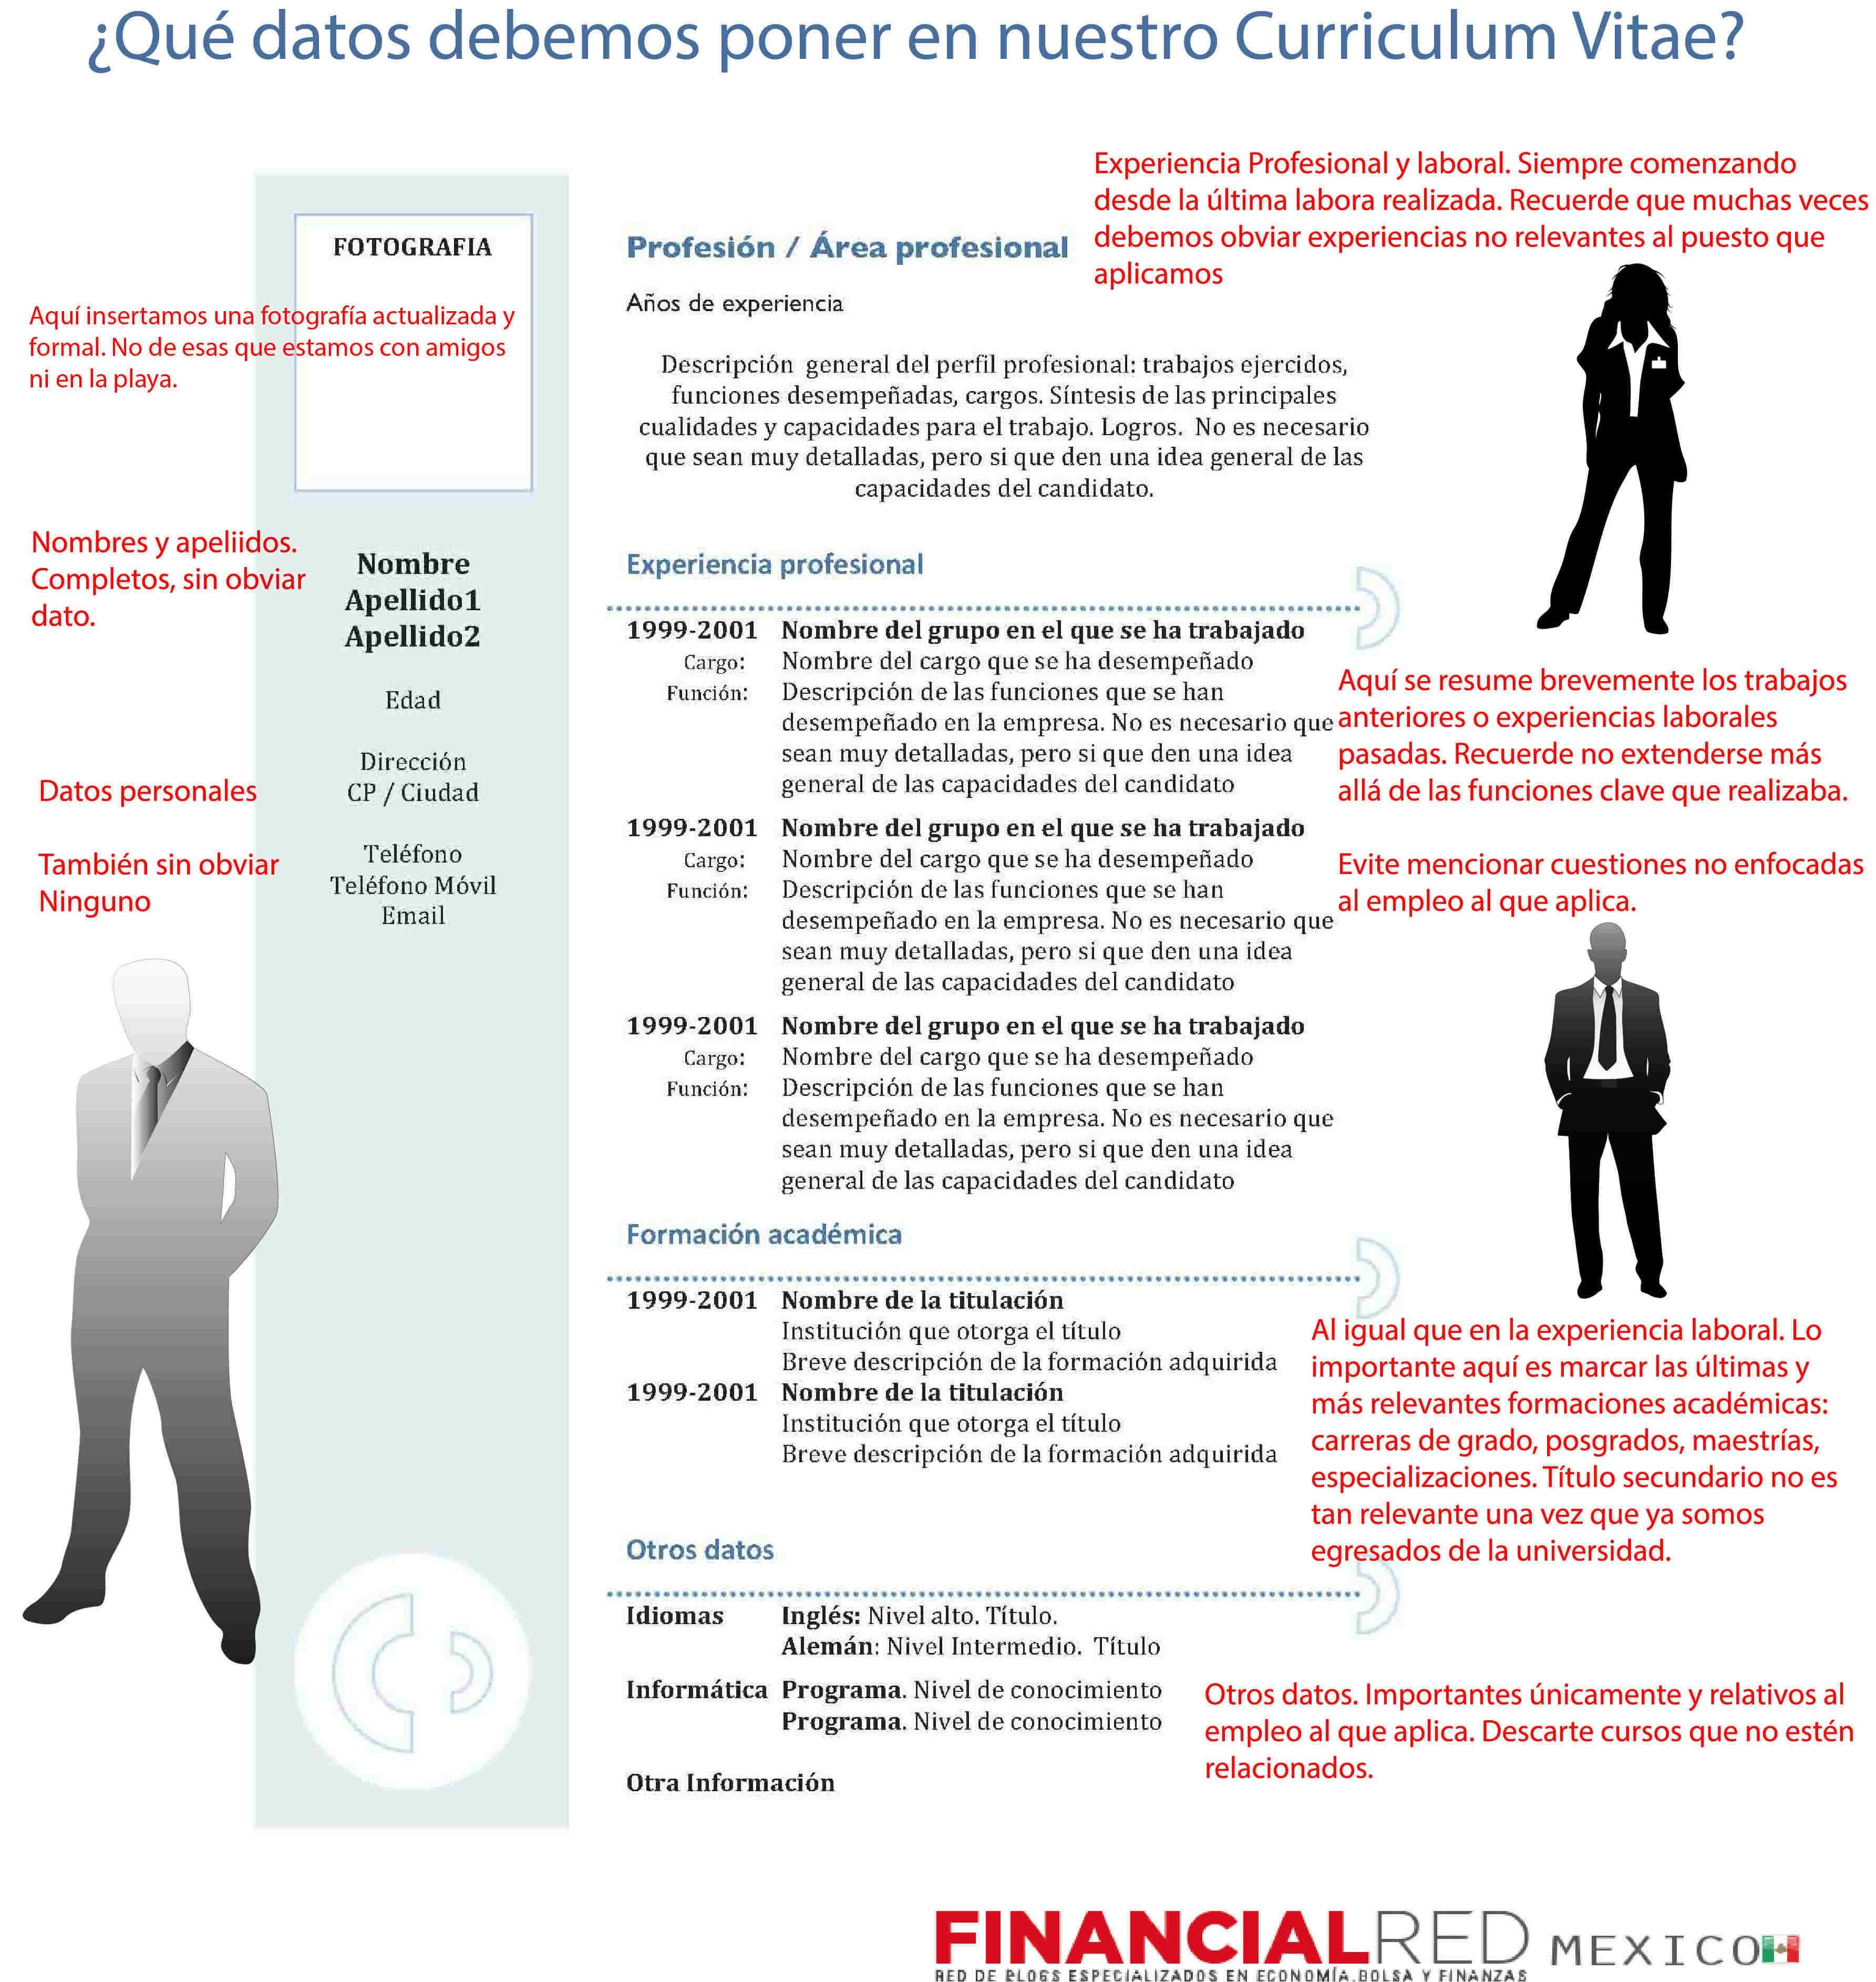 Cómo hacer un Curriculum Vitae? | Buscar un Trabajo